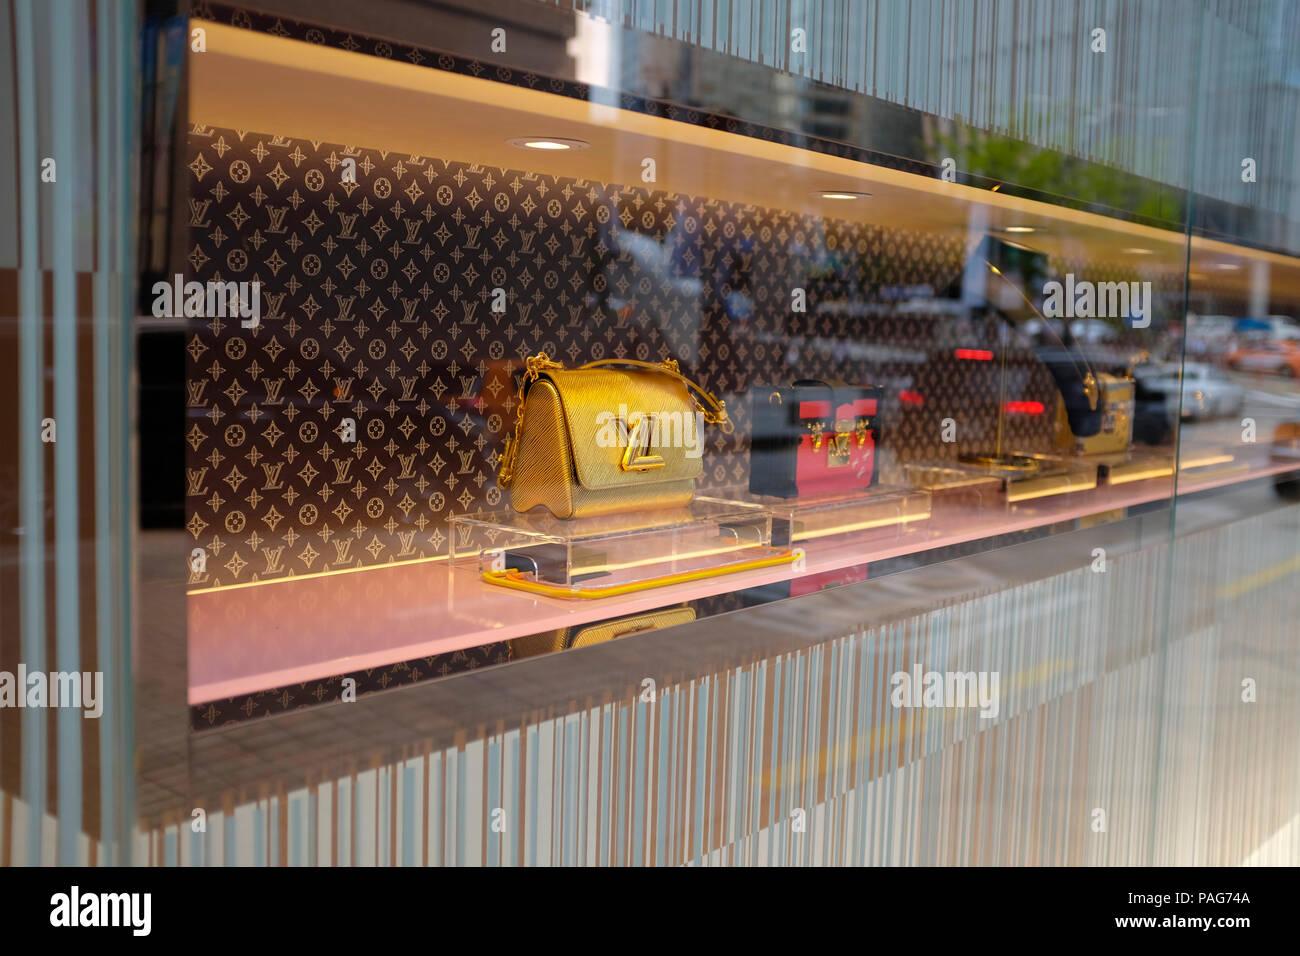 2ddda874a7 Chaussures pour femmes et des sacs à main sur l'affichage chez Louis Vuitton  luxury